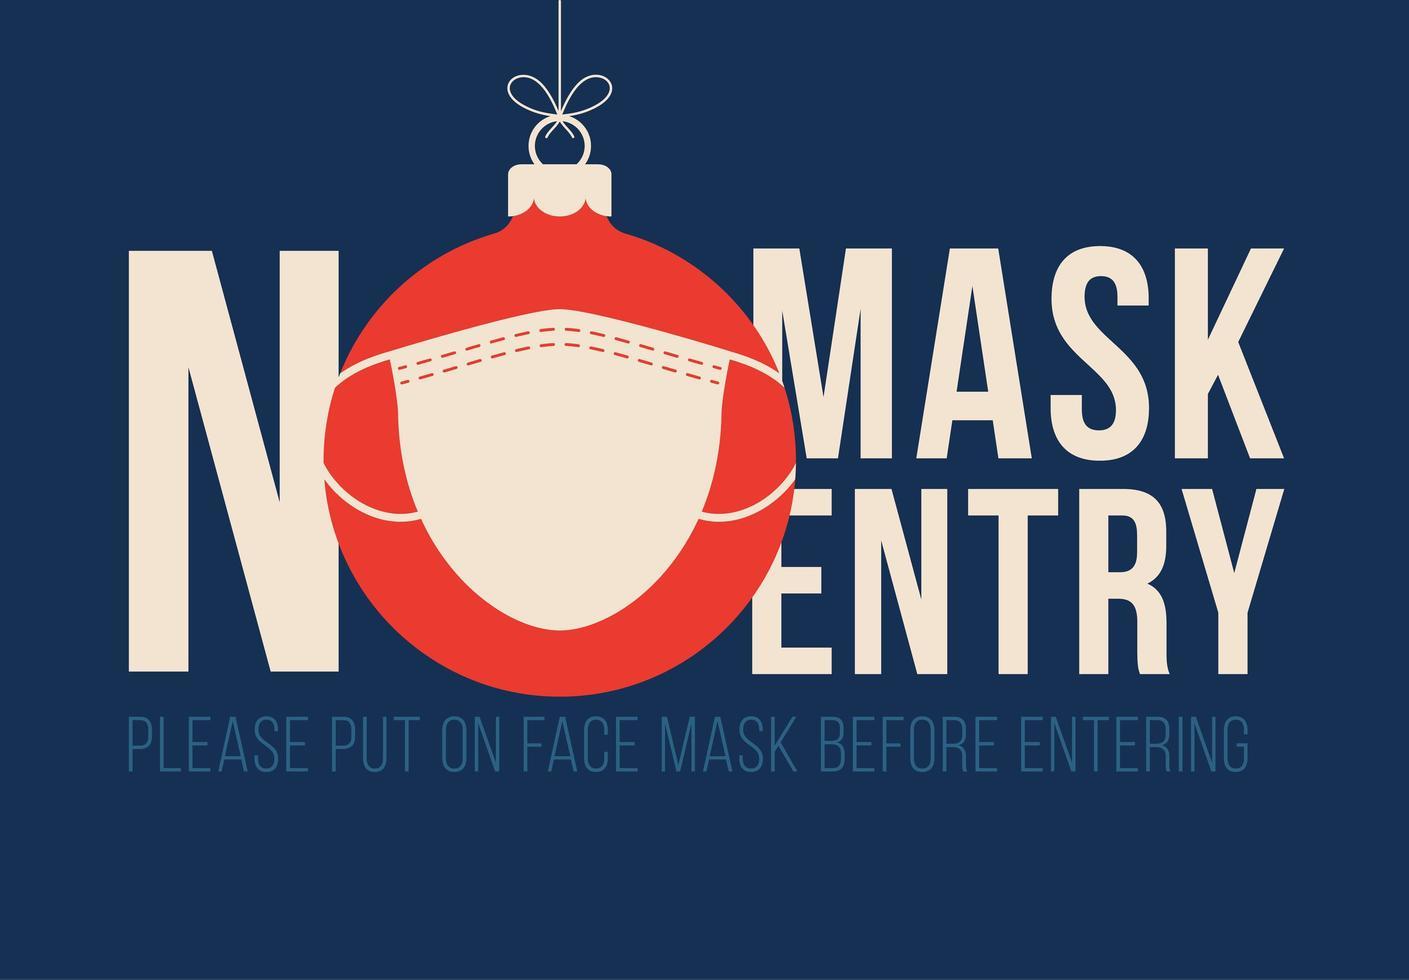 sem máscara sem entrada mascarada sinal de enfeite de natal vetor